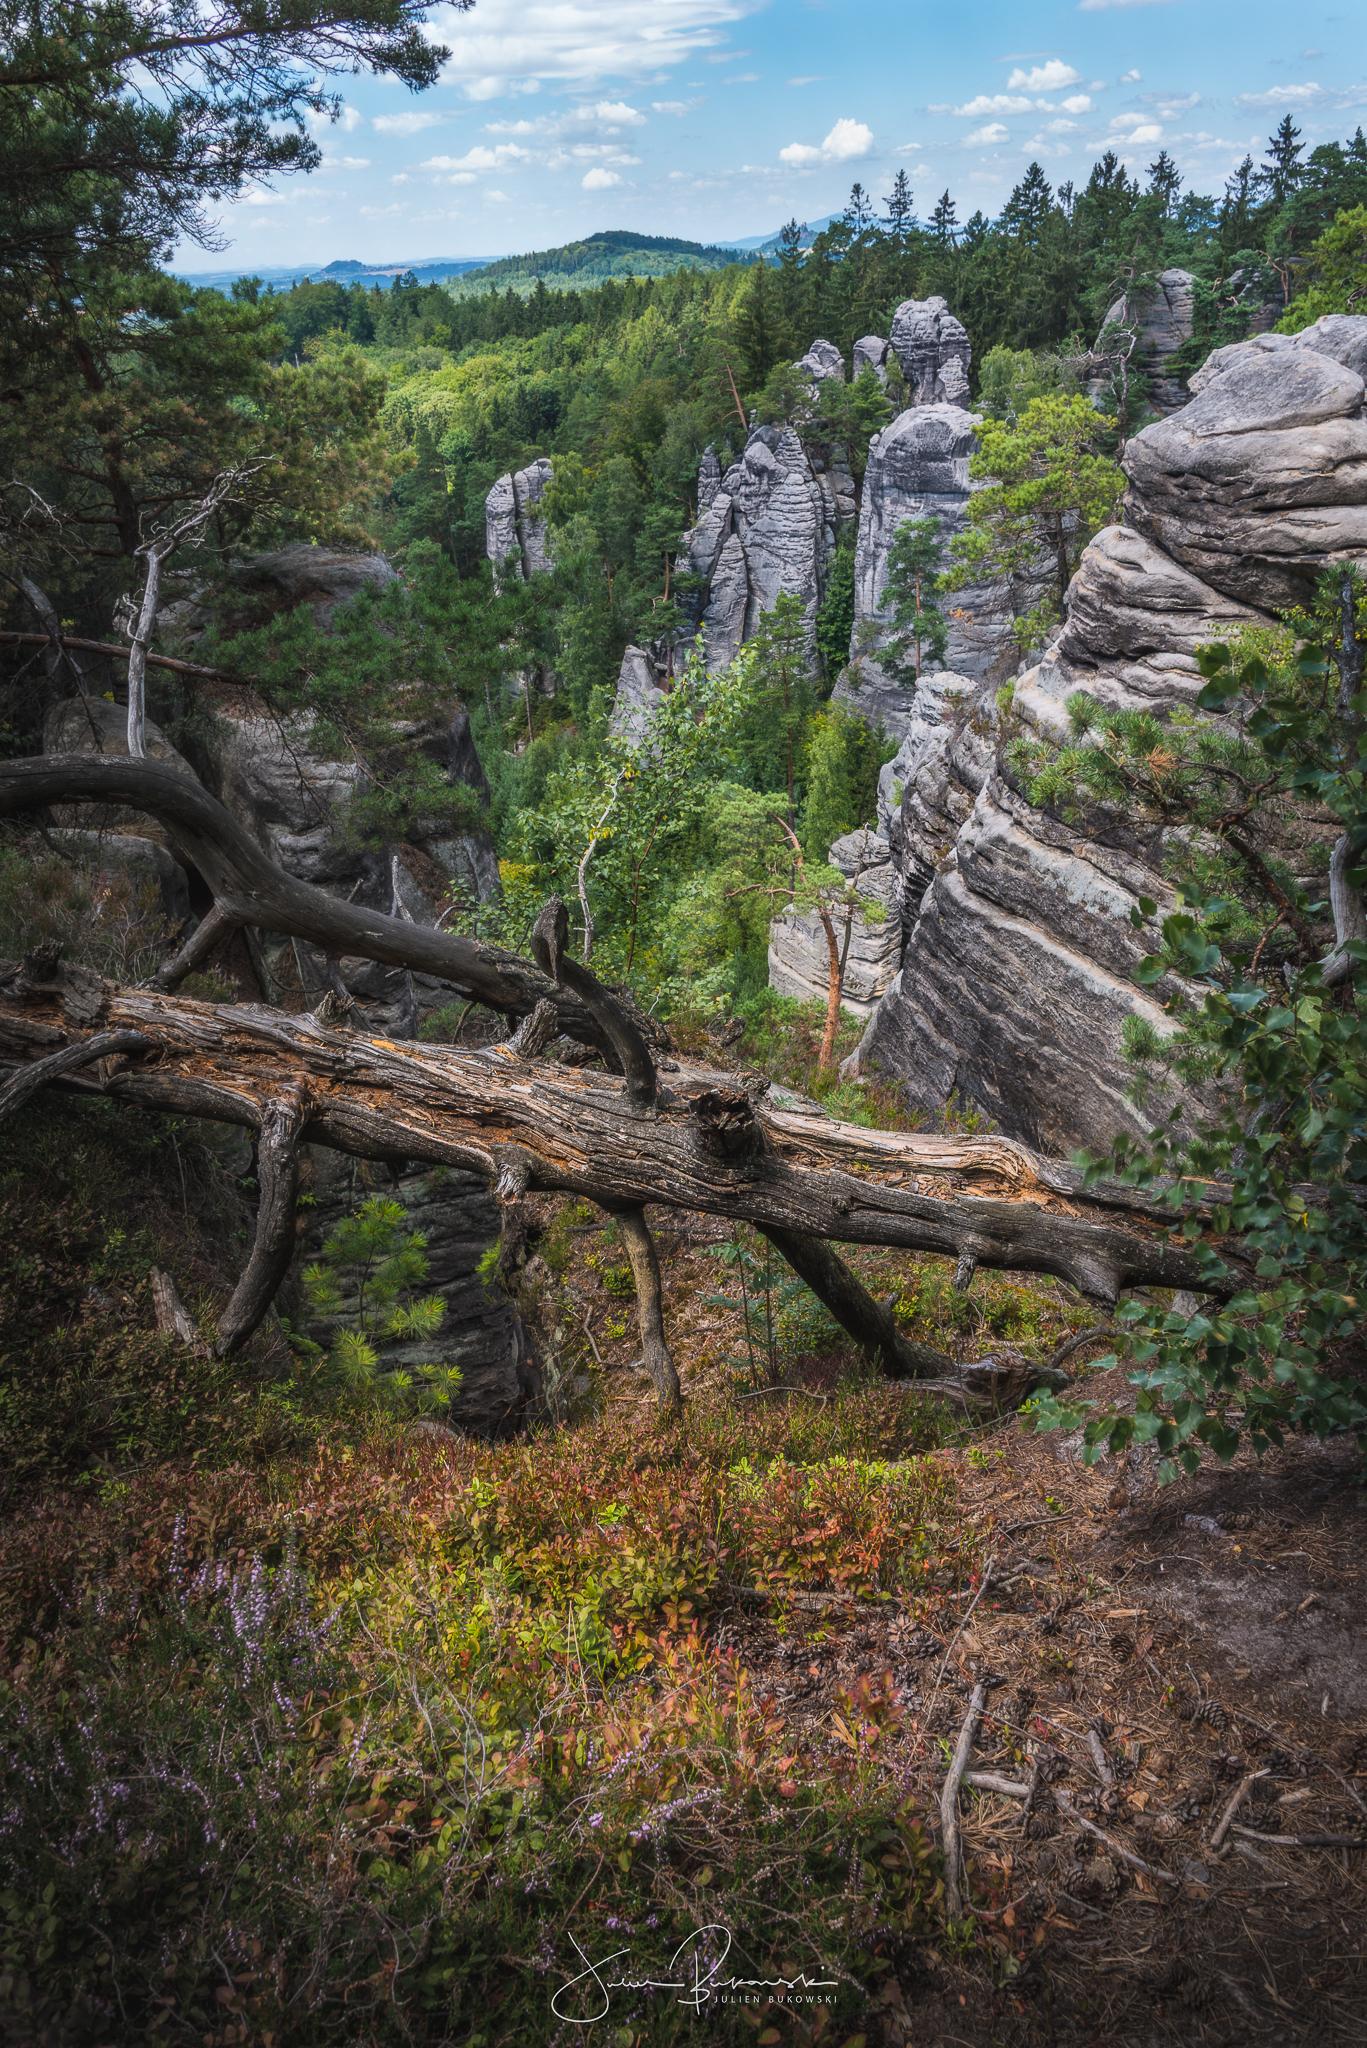 Prachovske Skaly-République Tchèque-Tchéquie-Canyon-arbres-réserve naturelle-rochers-tirage photo-Julien Bukowski-photo art